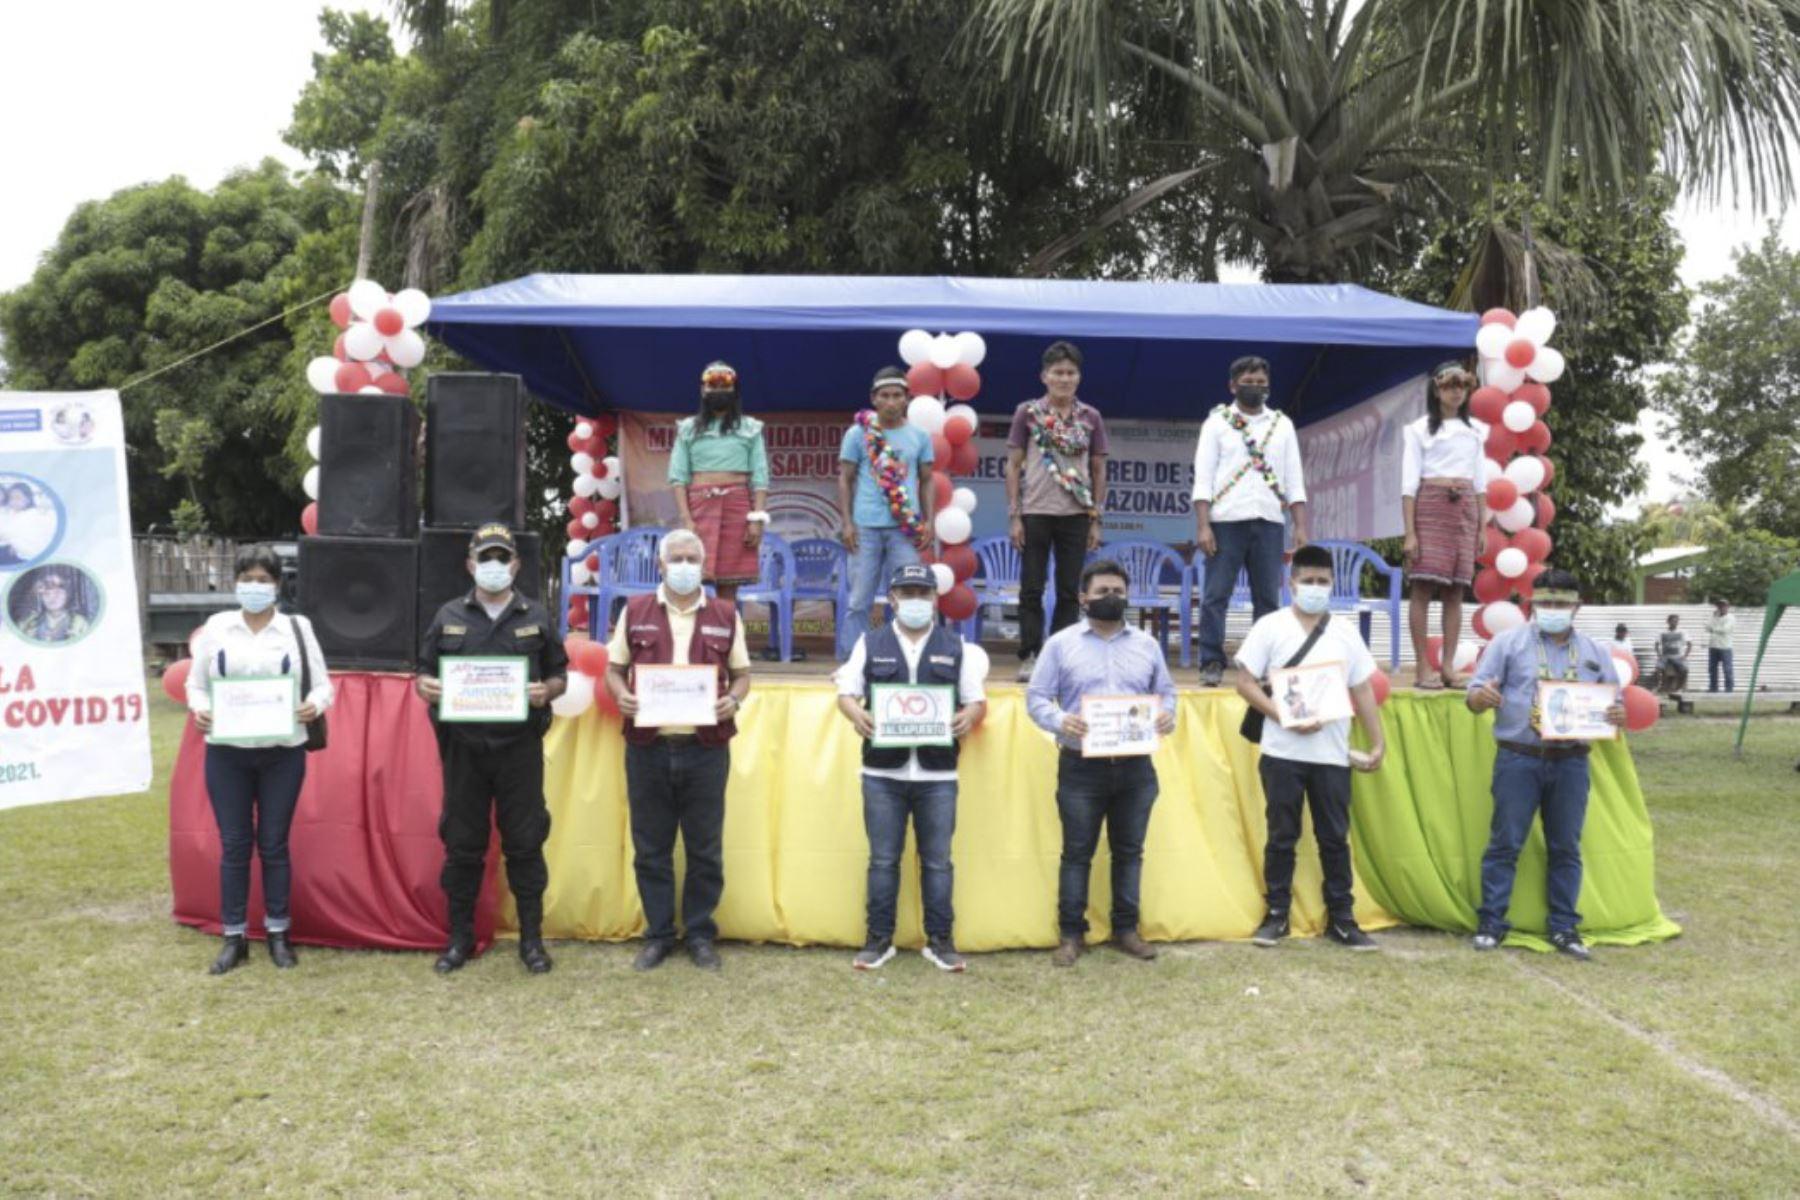 Las brigadas fueron recibidas previamente en el campo deportivo del distrito de Balsapuerto, a más de tres horas de la ciudad de Yurimaguas. Foto: ANDINA/Minsa